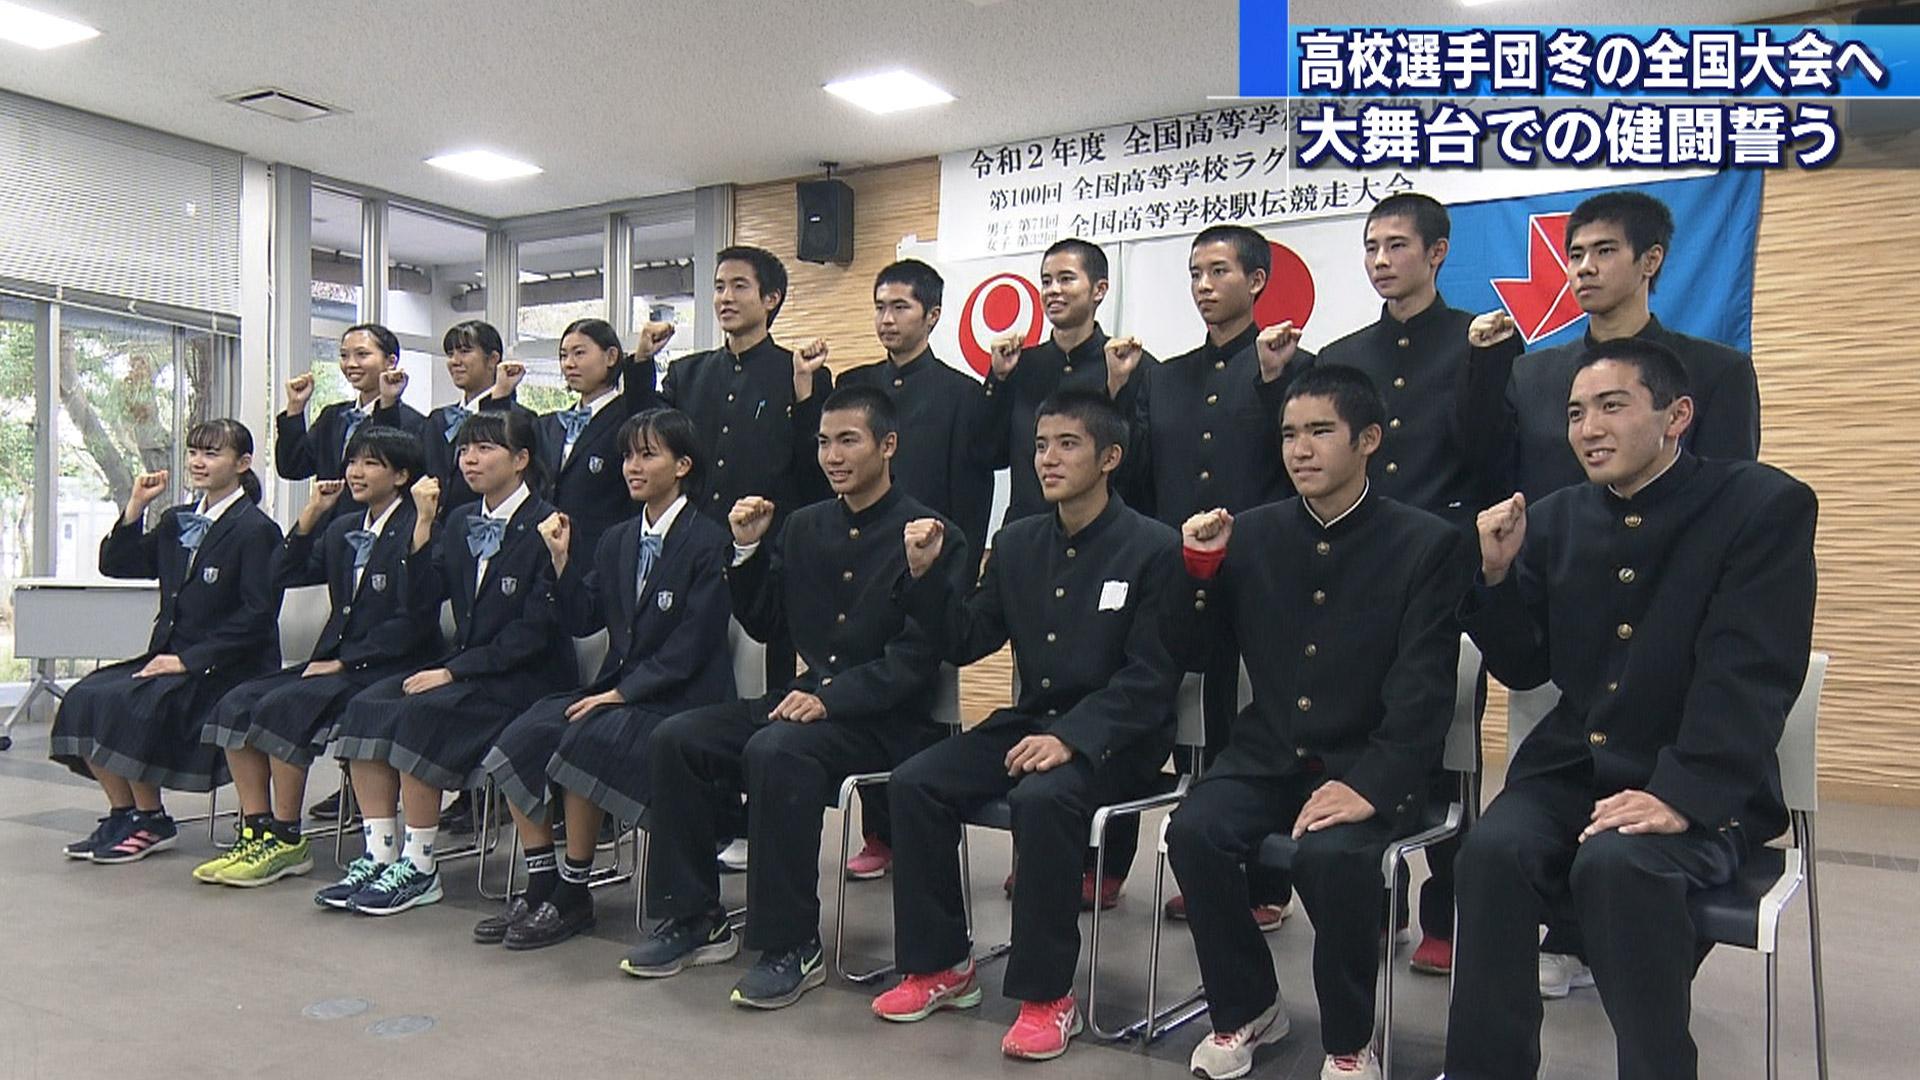 冬の全国大会へ 沖縄県高校選手団結団式